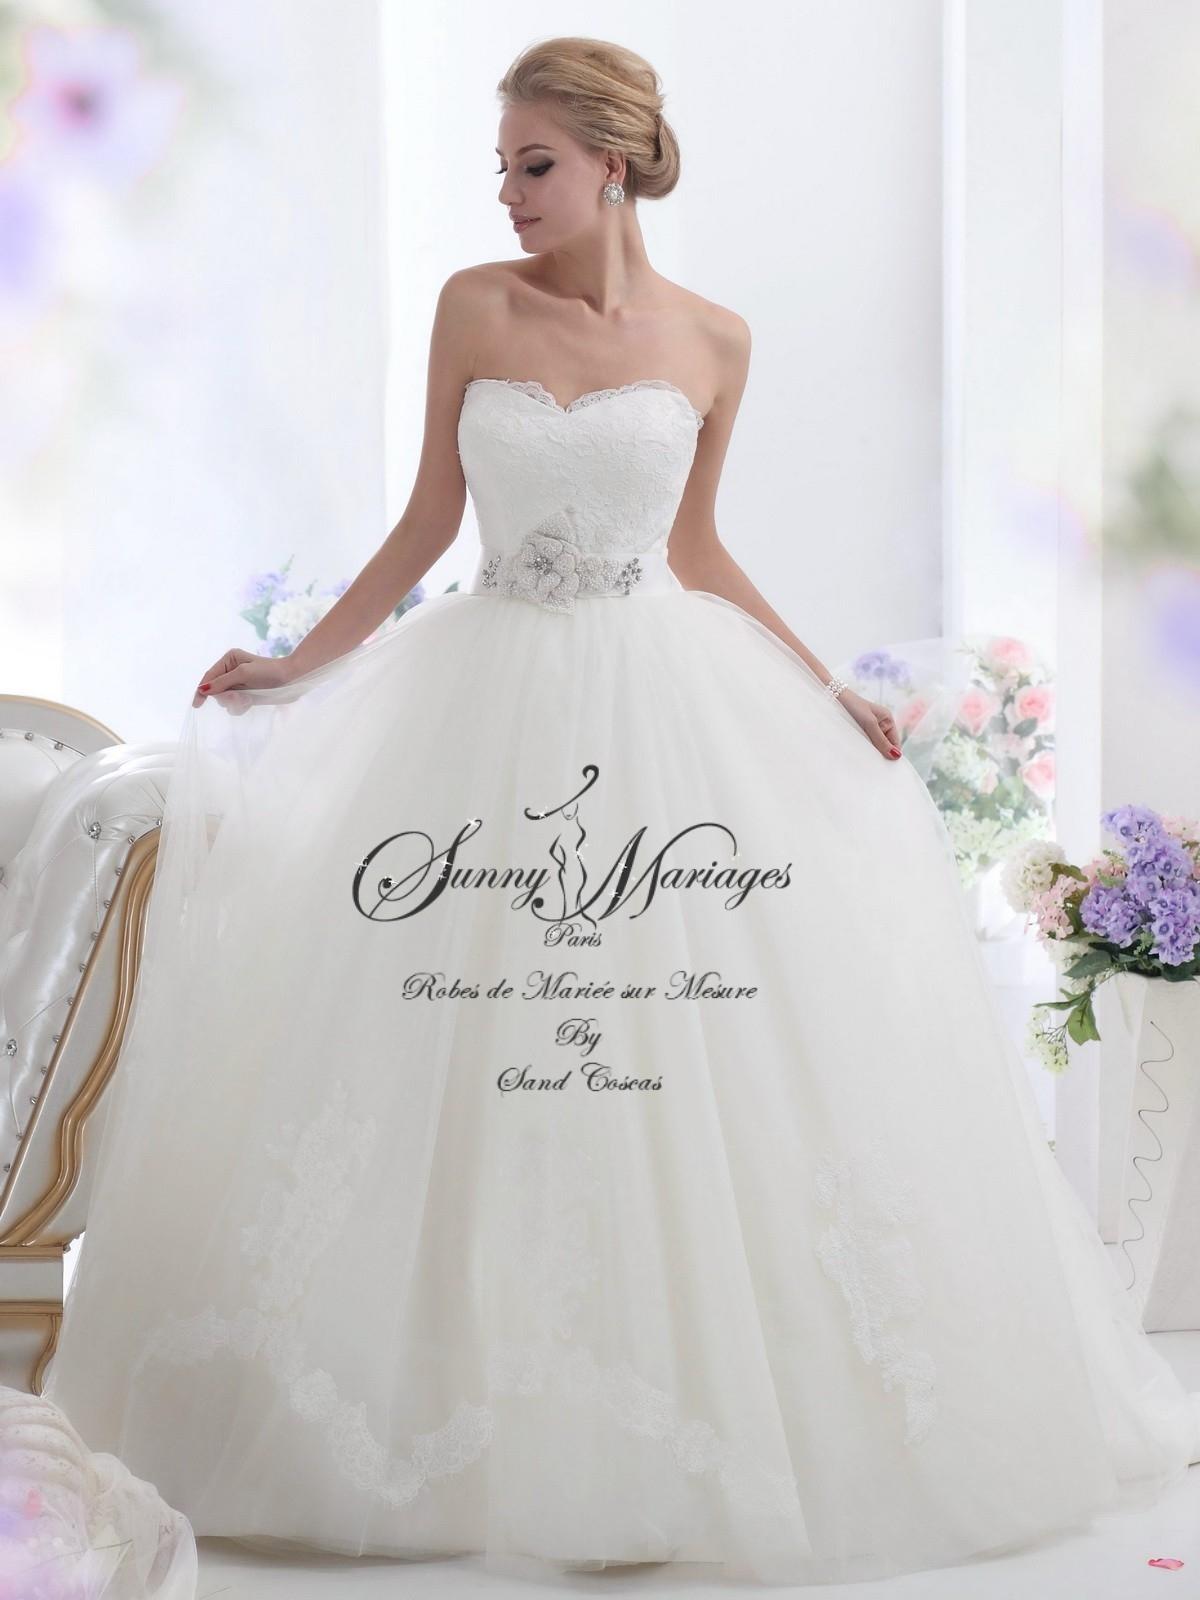 d48469a0dbb Je veux trouver des vêtements femmes de qualités et pas cher ICI. Robes de  mariée de princesse.